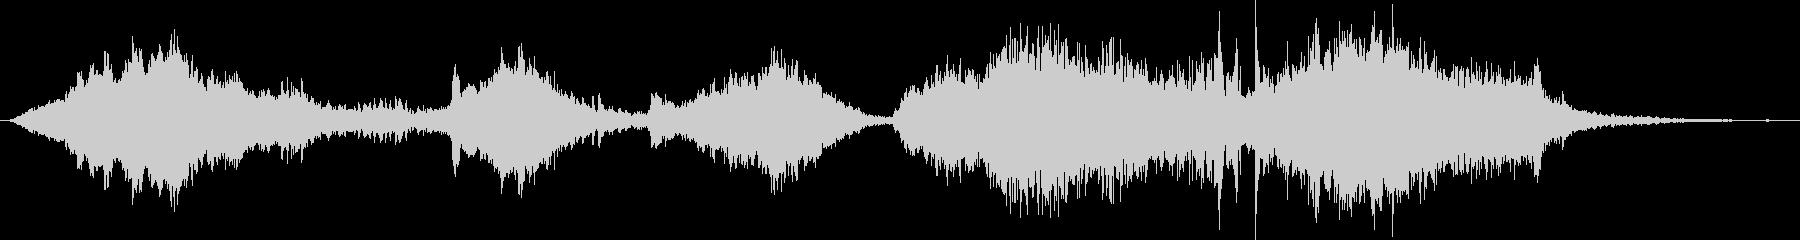 空気のような軽快な弦とストリングパ...の未再生の波形